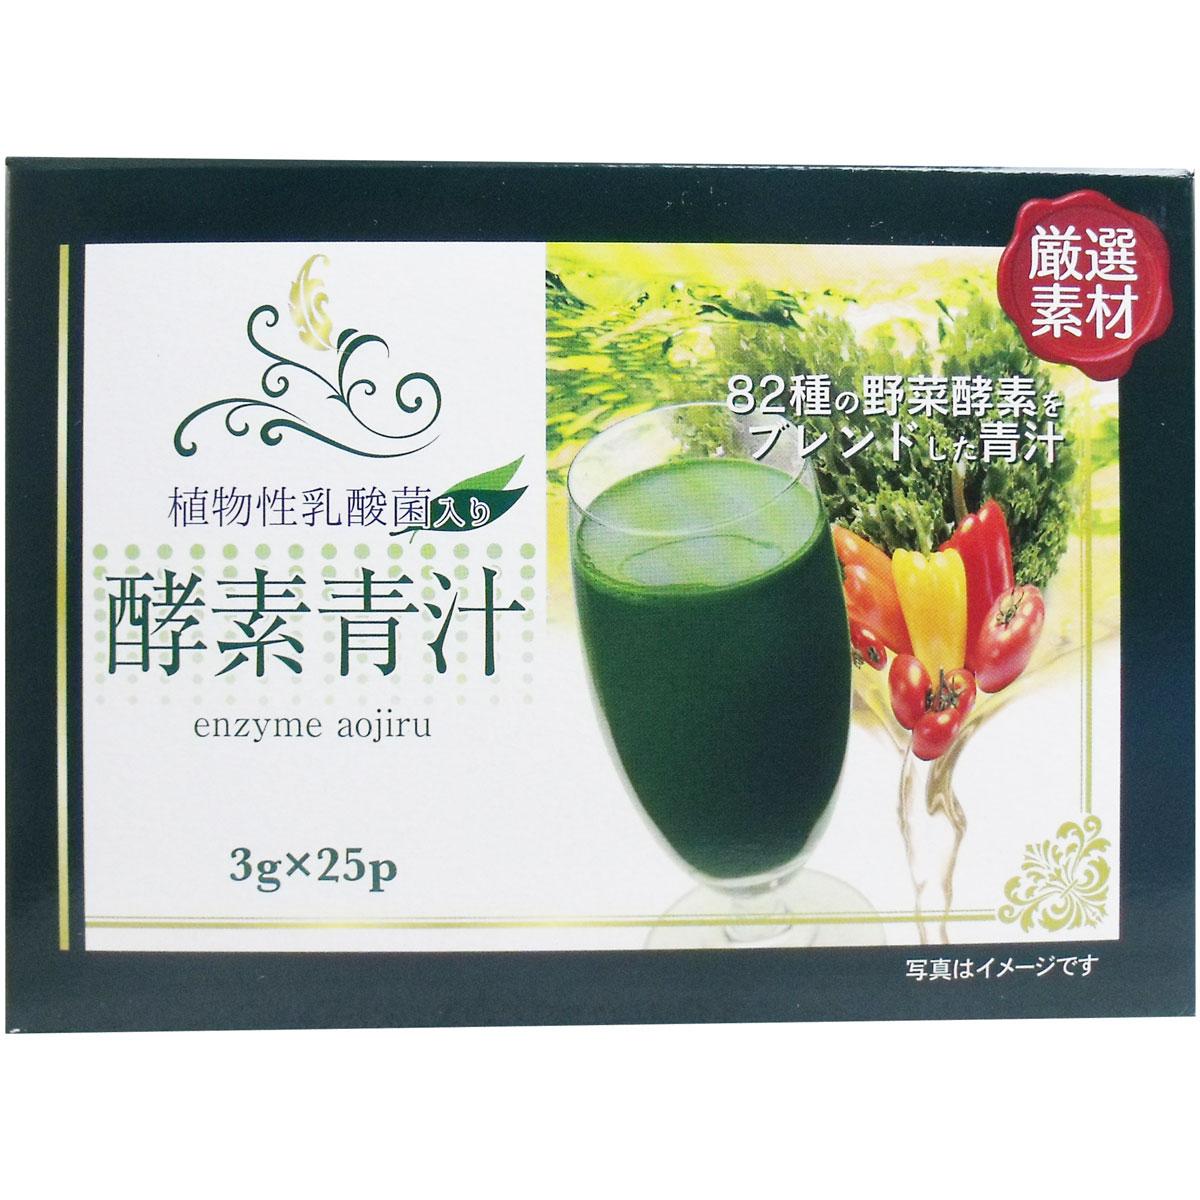 ※厳選素材 酵素青汁 3g×25包